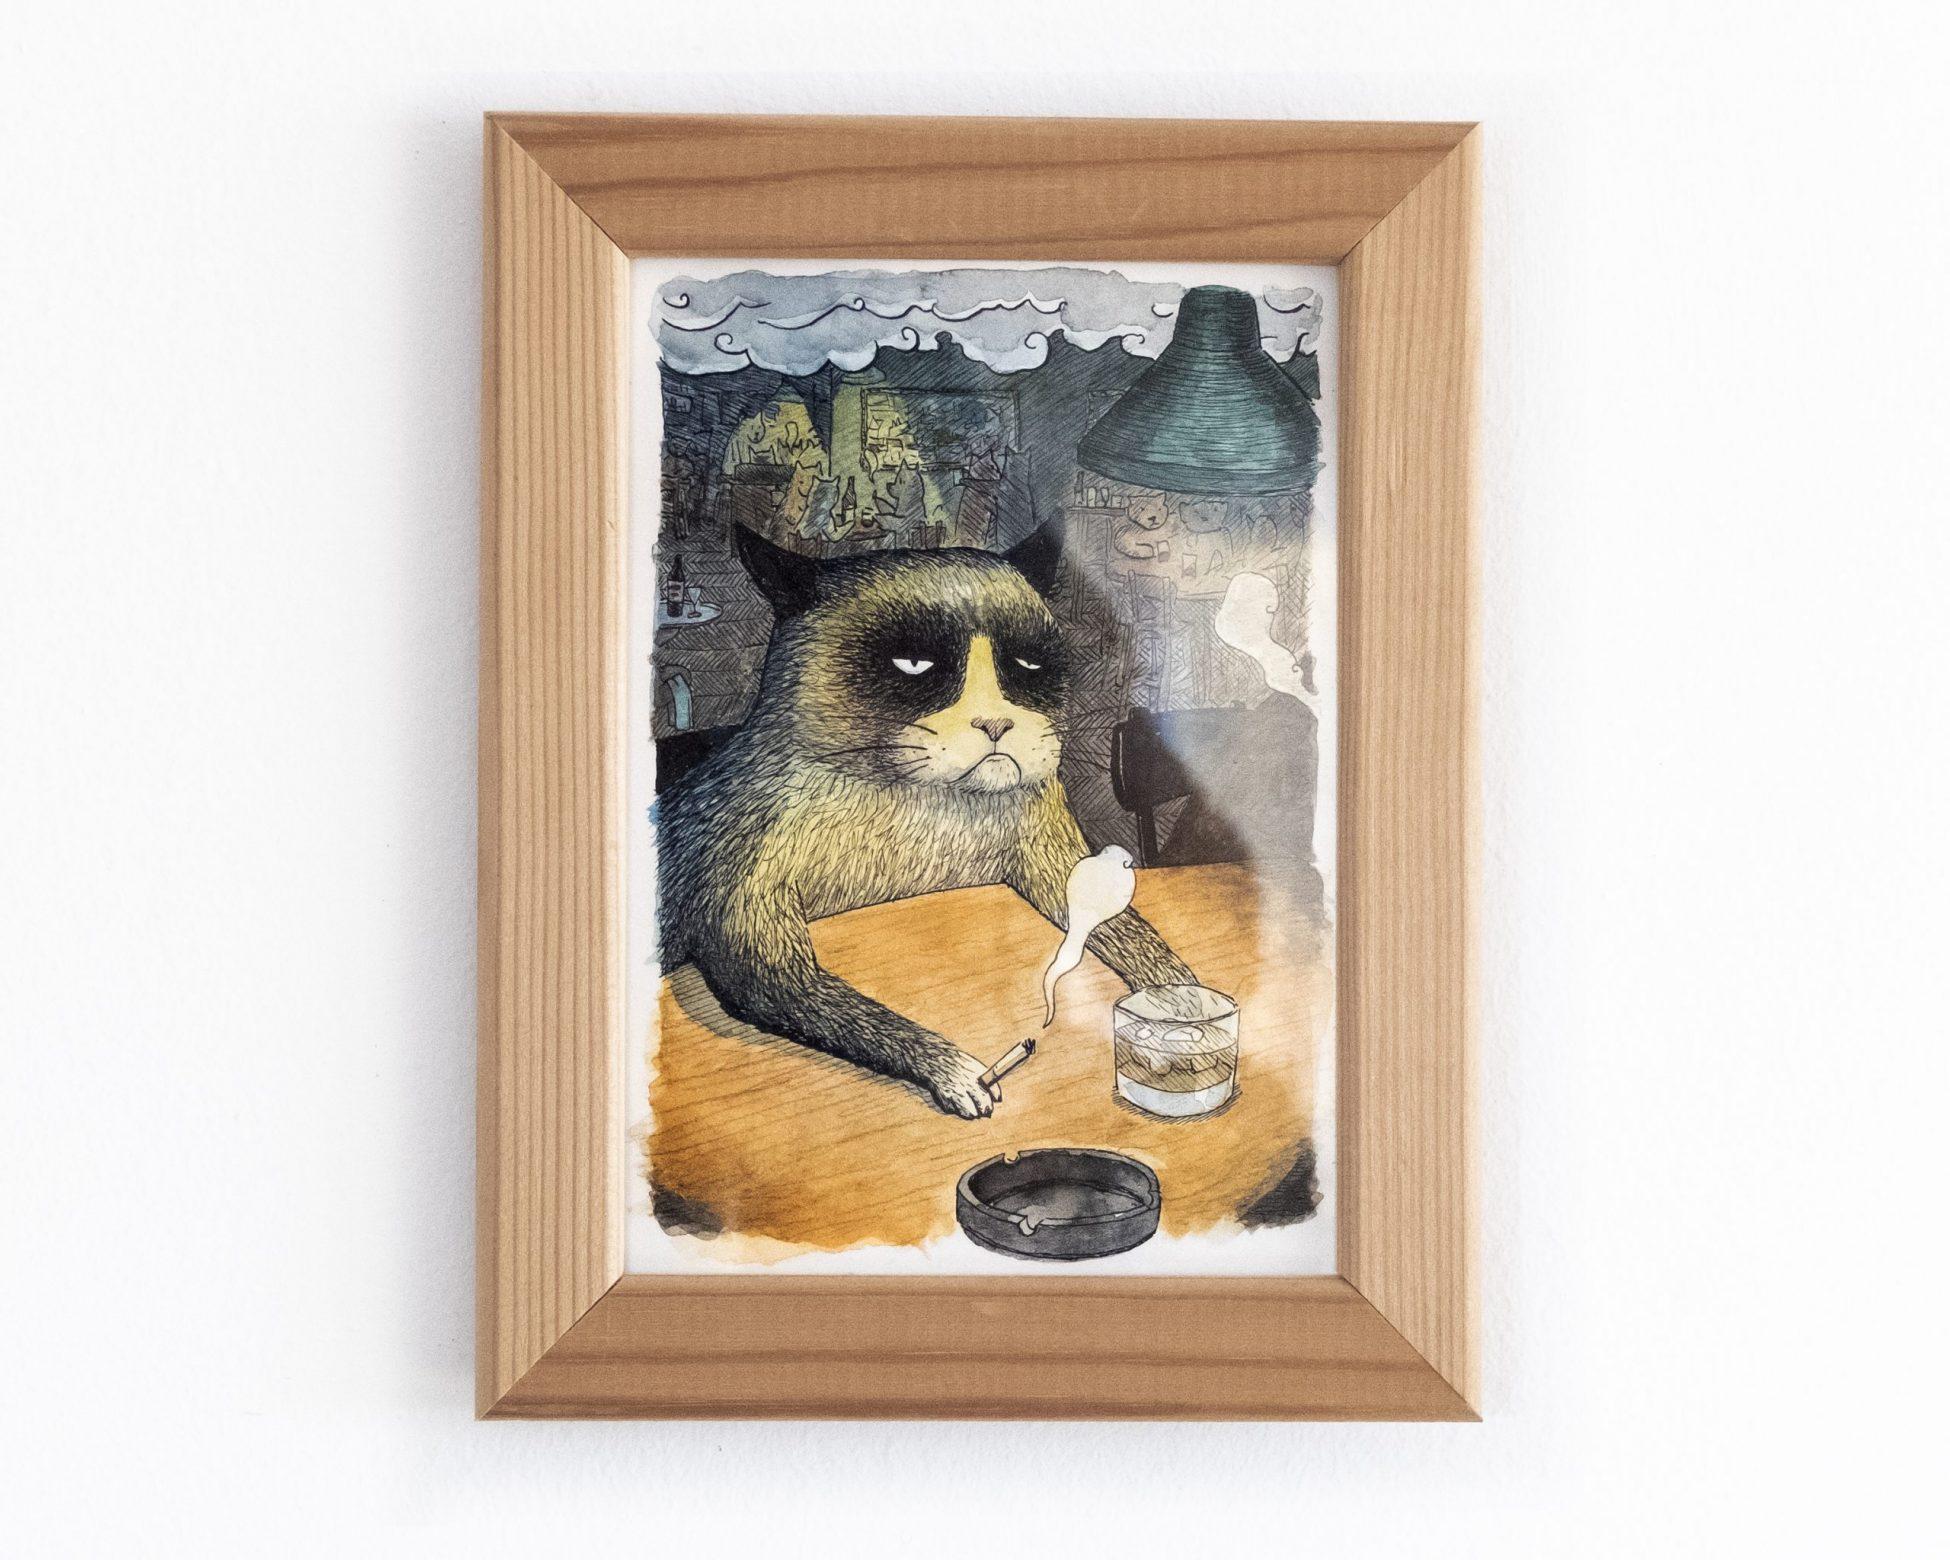 Dibujo original en tinta y acuarela de un gato tomando un whiski en un bar o pub.